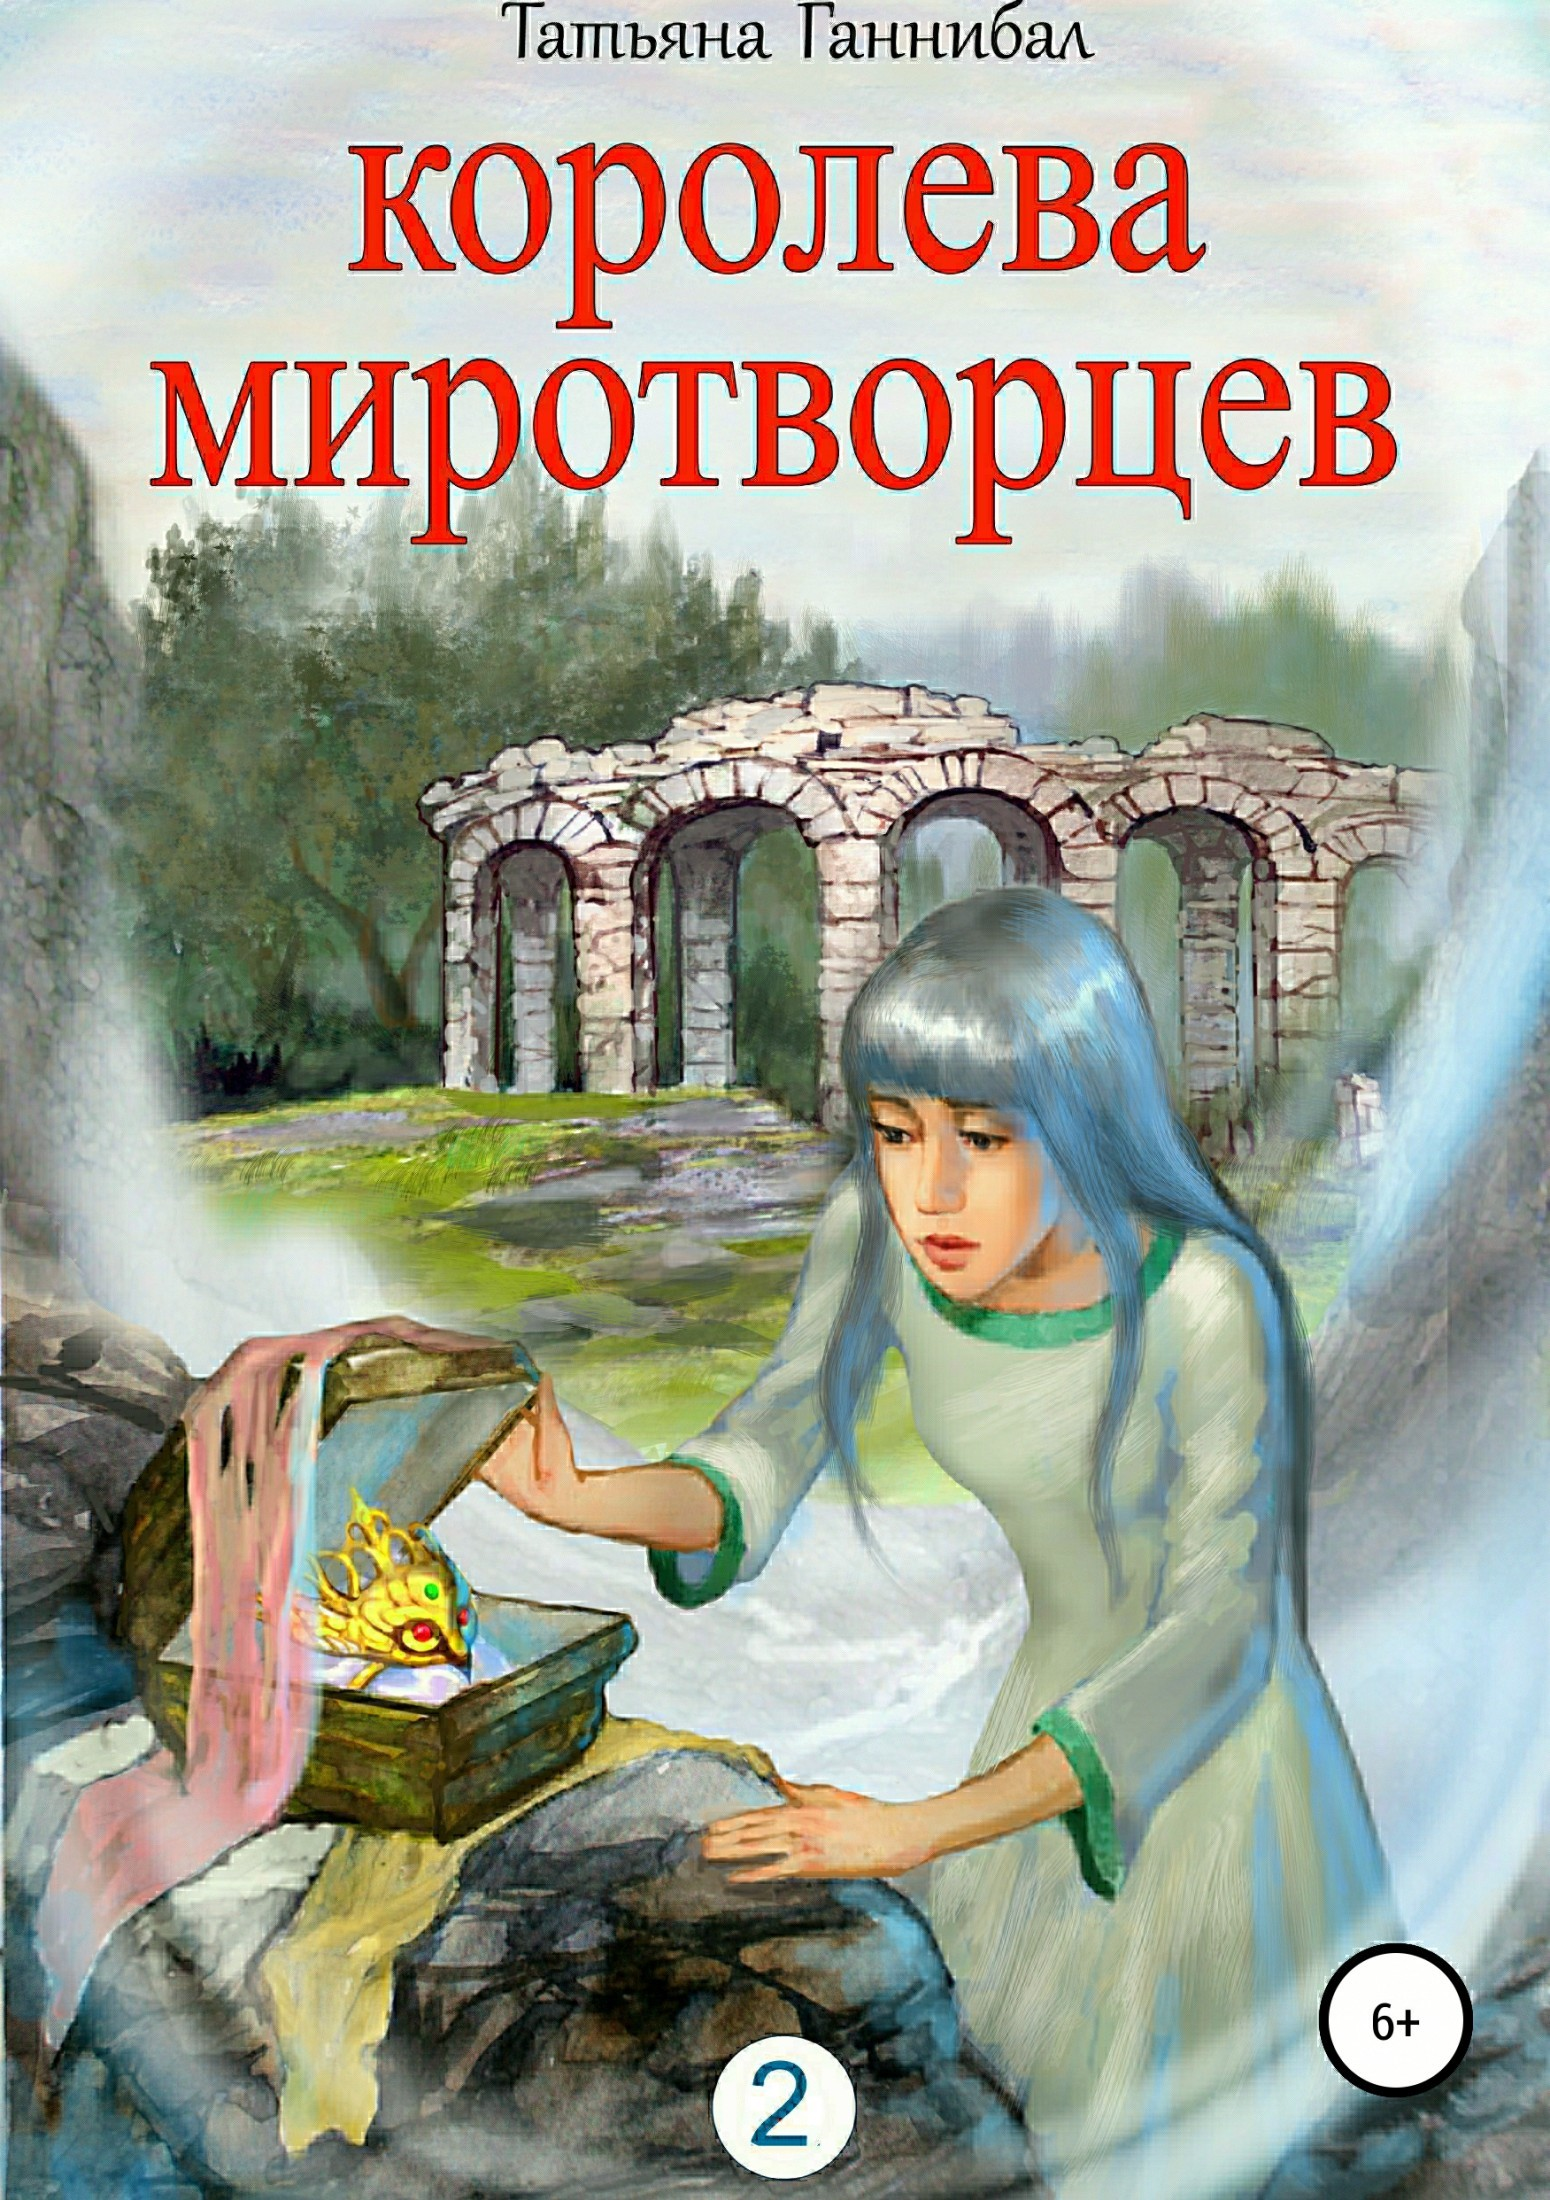 Татьяна Юрьевна Ганнибал бесплатно